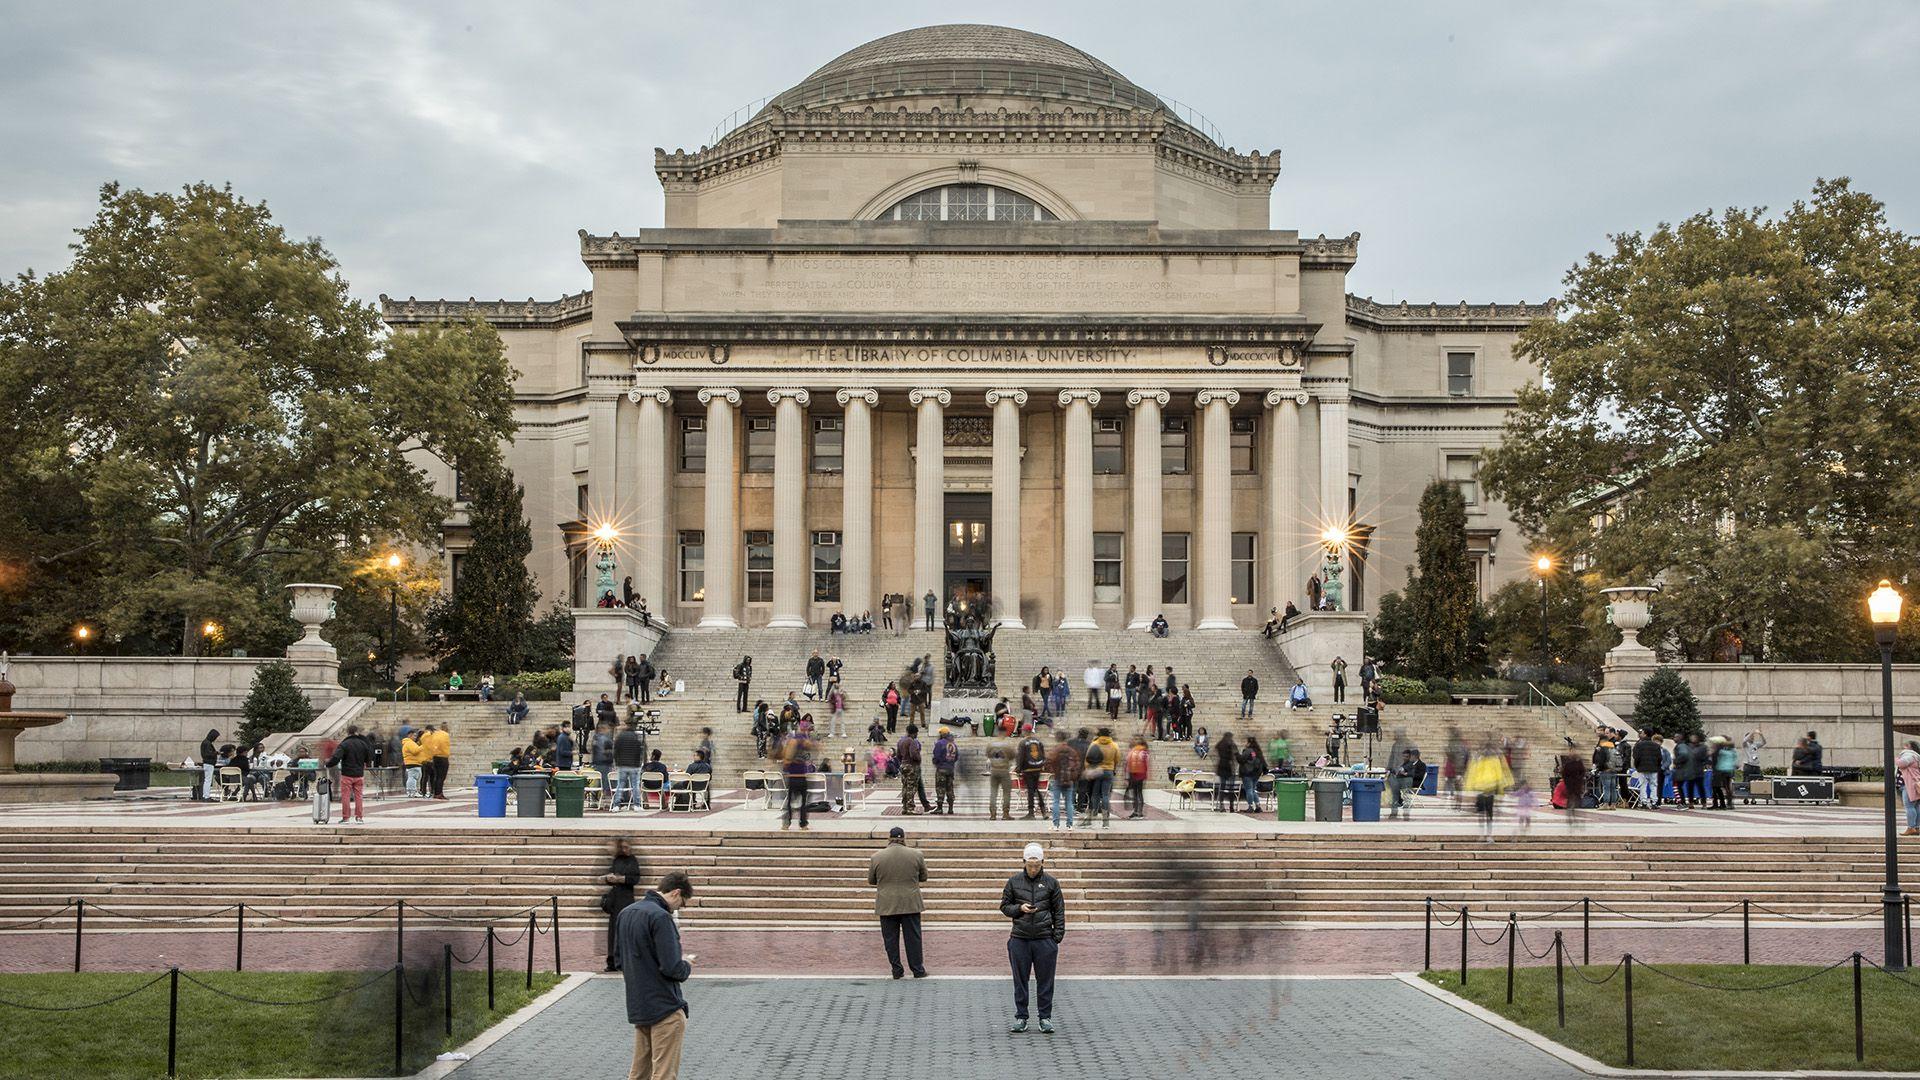 El campus en Nueva York de la Universidad de Columbia (Tony Cenicola/The New York Times)